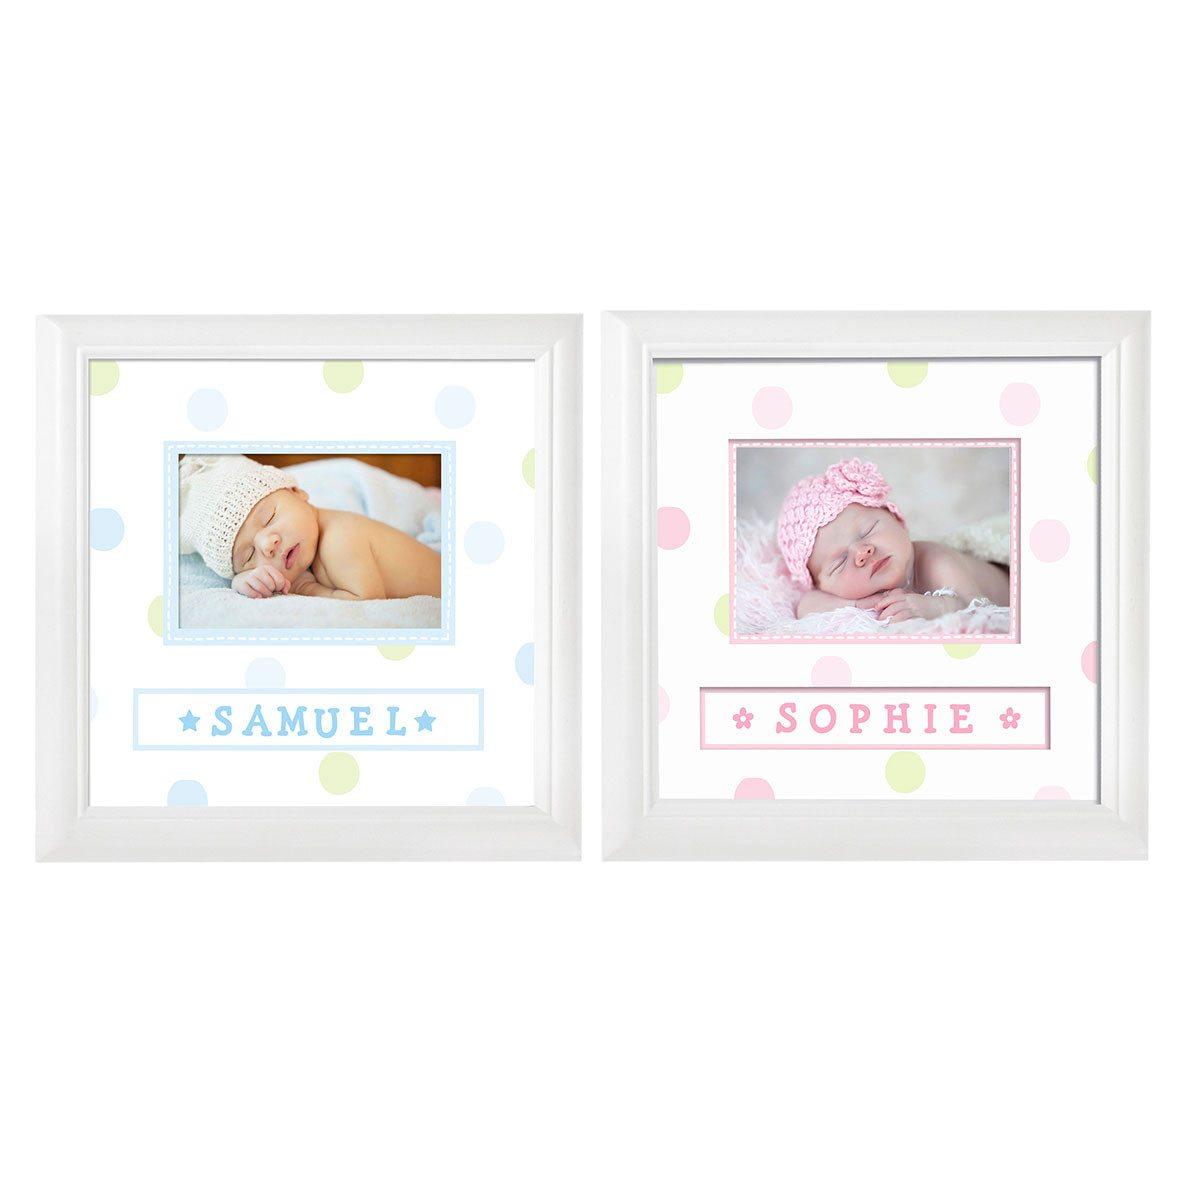 Marco para la foto de tu bebe con su nombre - Elige tu color